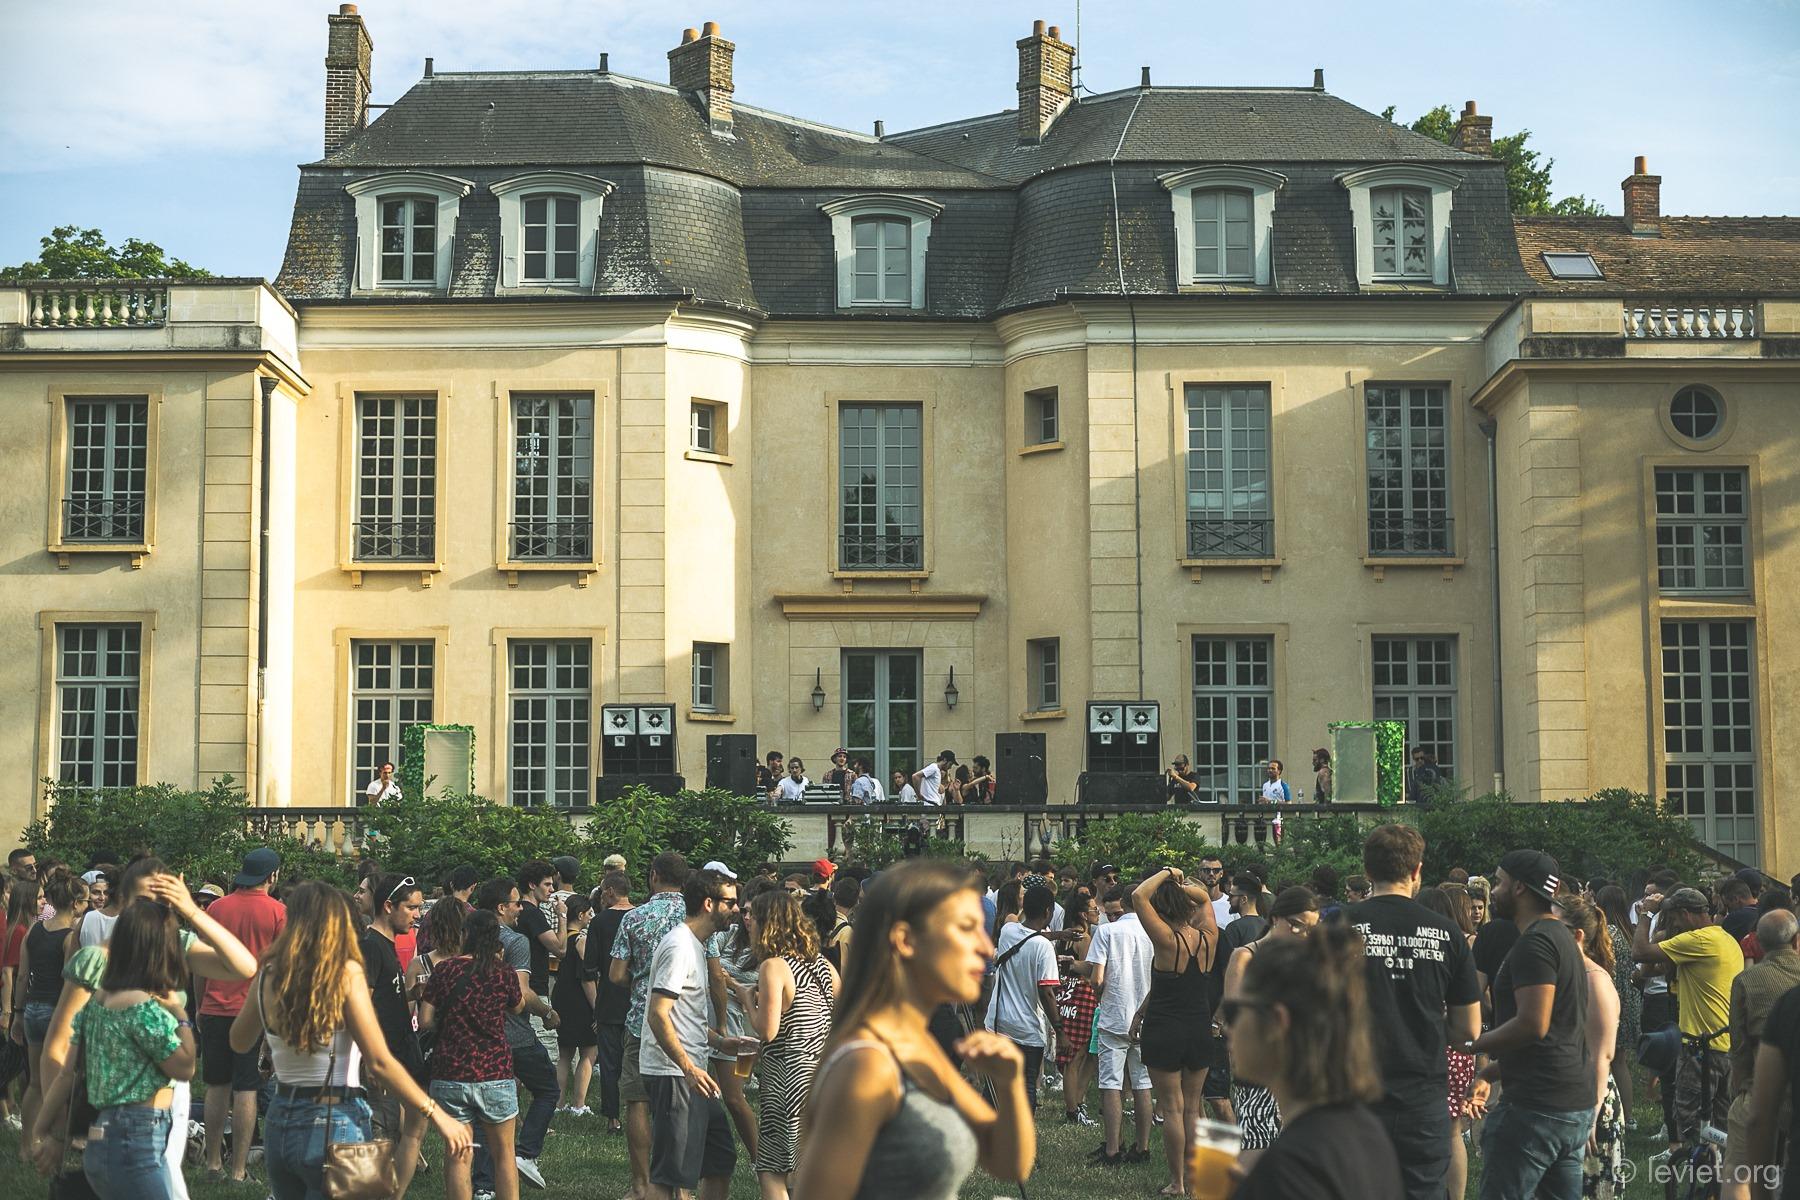 Le festival Vryche sur Yvette offre des places aux corps de métiers indispensables à la société